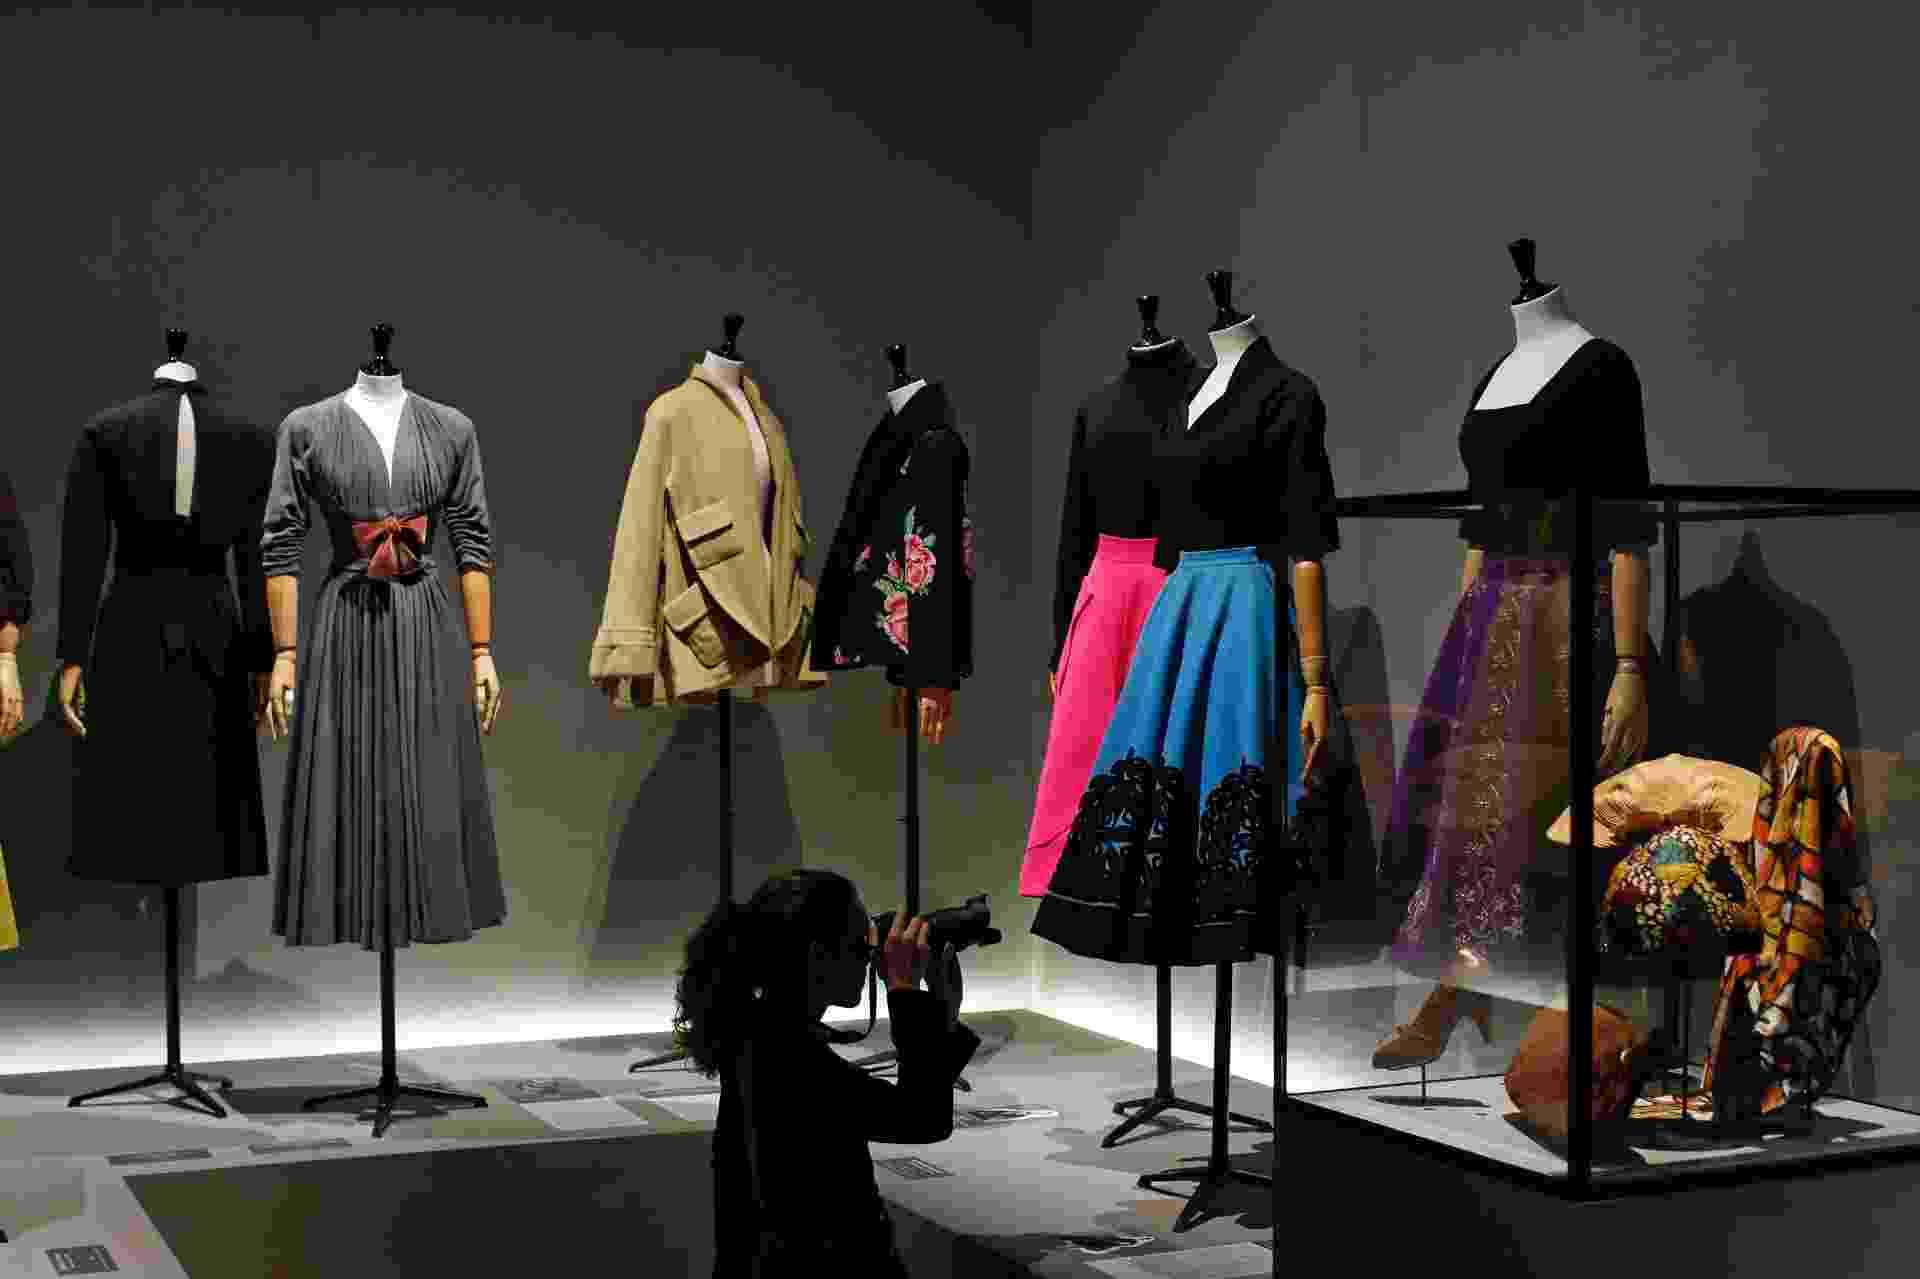 """11.jul.2014 - Exposição """"Les Années 50"""", realizada no Museu da Moda de Paris, mostra a elegância da alta-costura dos anos 50 - Benoit Tessier/Reuters"""